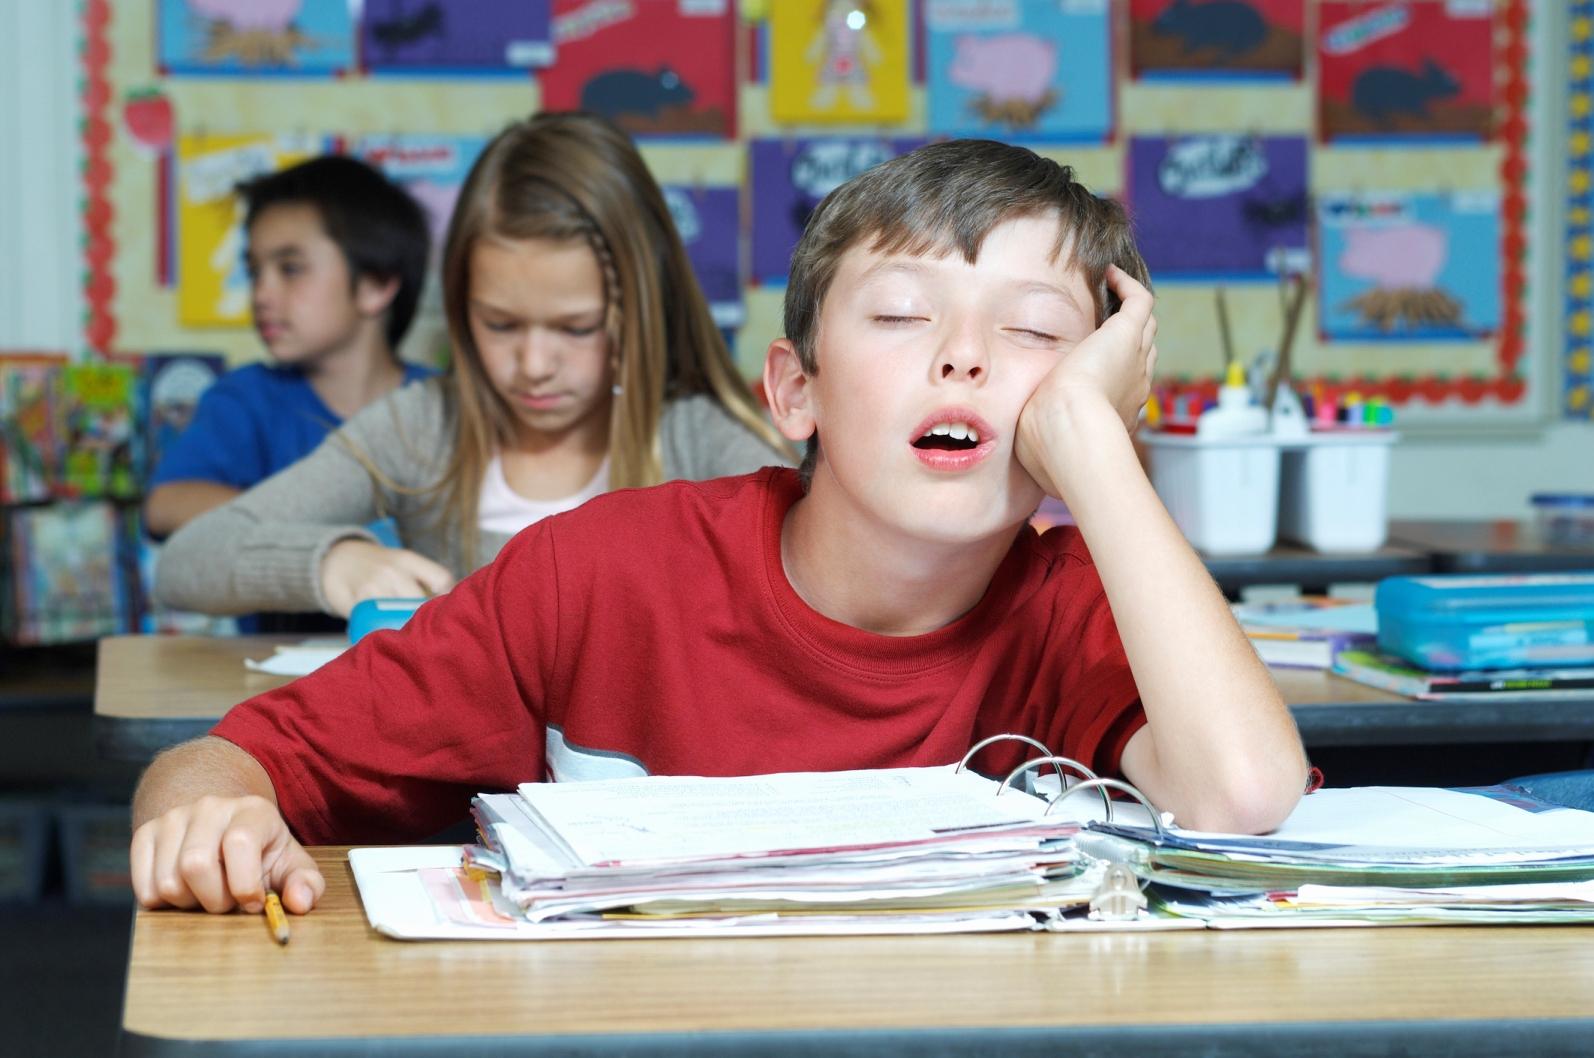 sleep and school